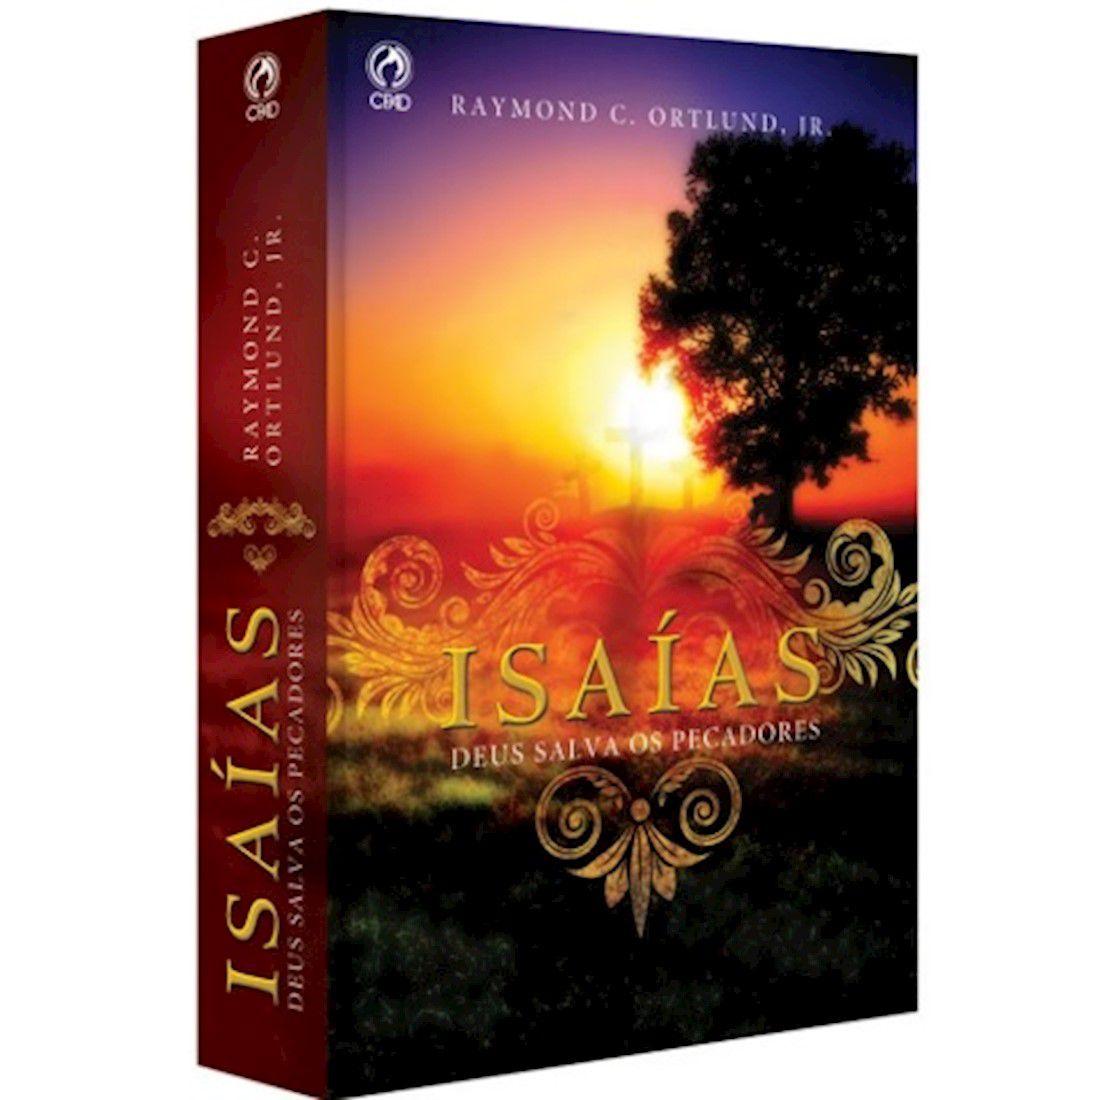 Livro Isaías - Deus Salva os Pecadores